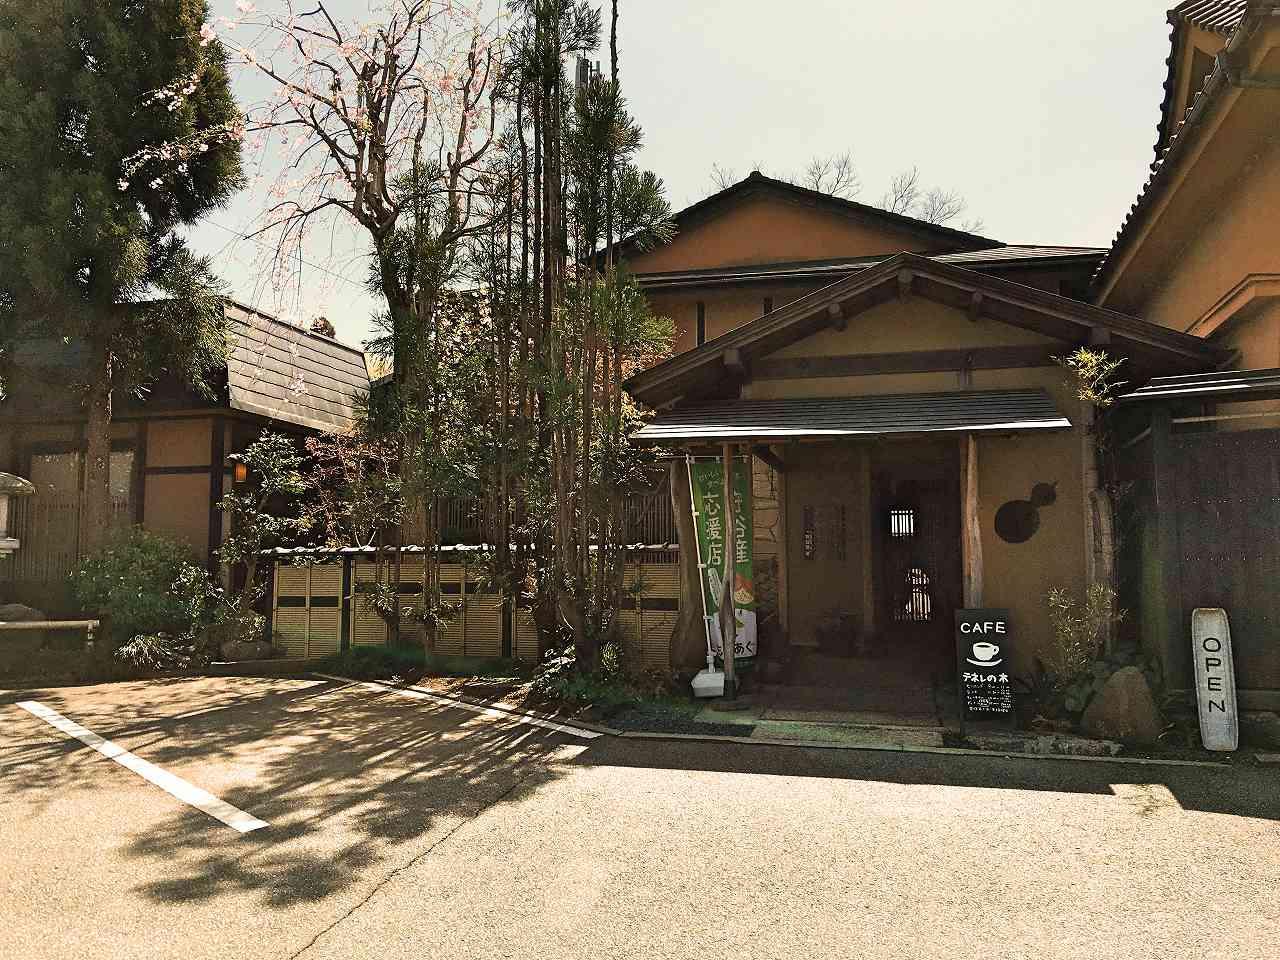 守谷にオープンのカフェ「テネレの木」、魅力ある空間で「をちこちランチ」を